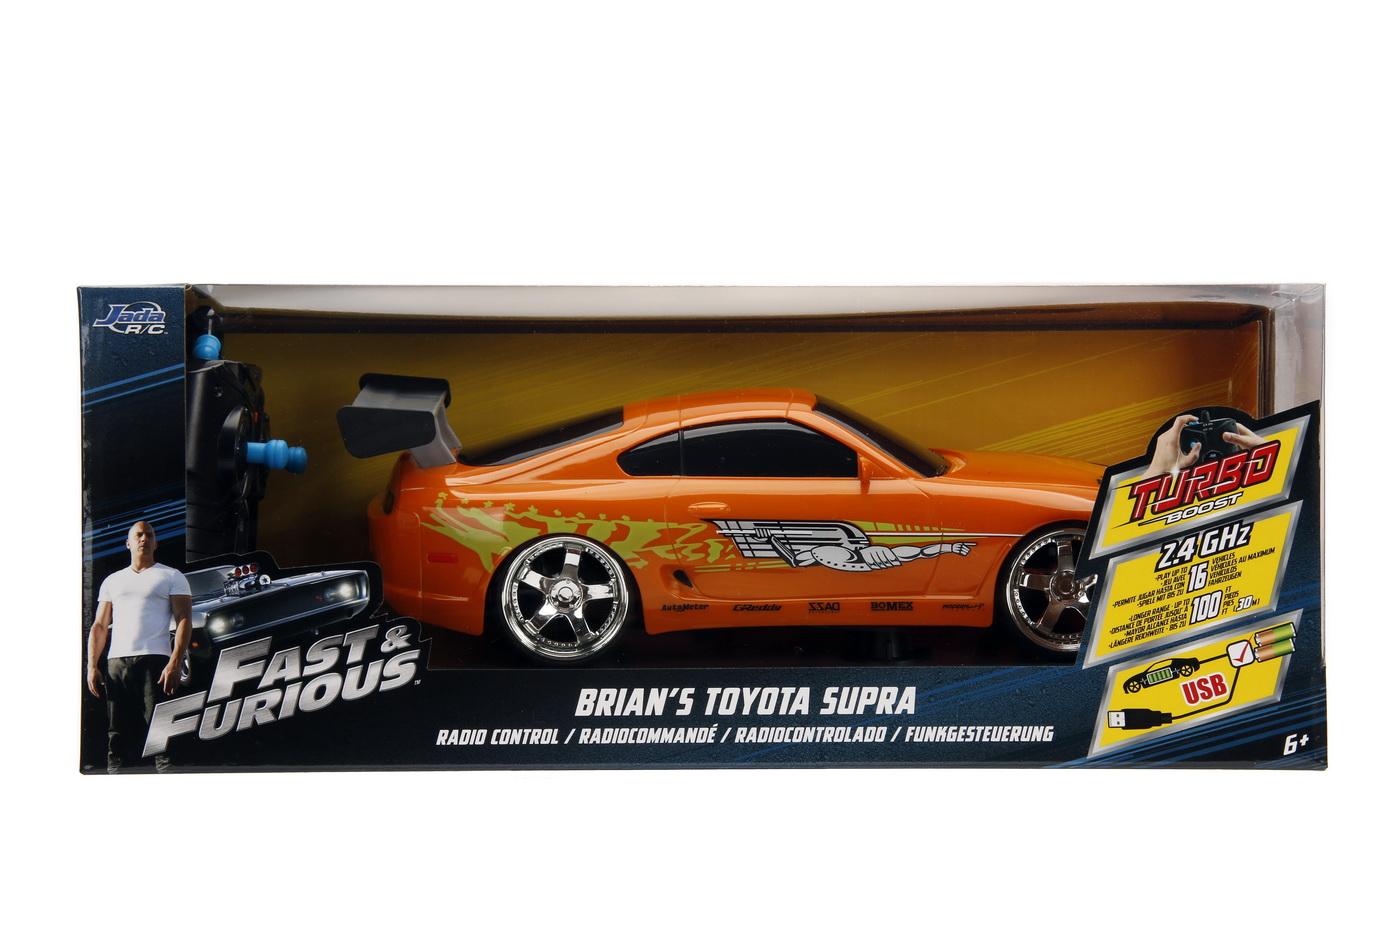 Masinuta Metalica Cu Telecomanda Fast Furious Rc Brian's Toyota Supra Scara 1:16